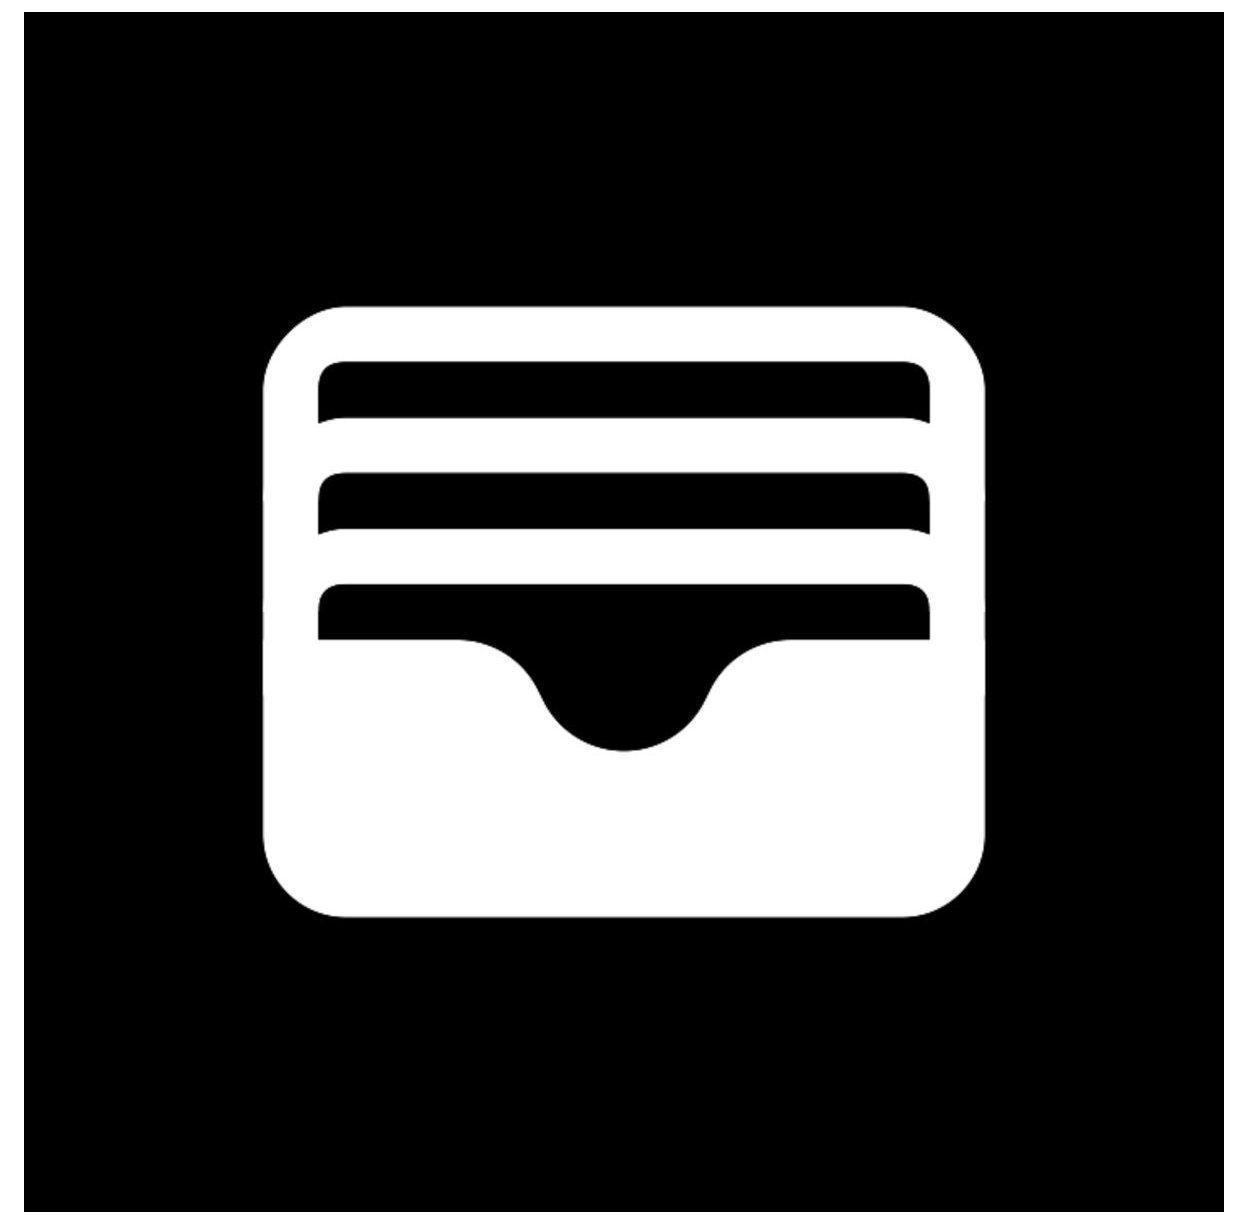 Black Wallet Icon Wallet Icon Black Walleticonblack In 2021 Black App Iphone Photo App App Icon Design